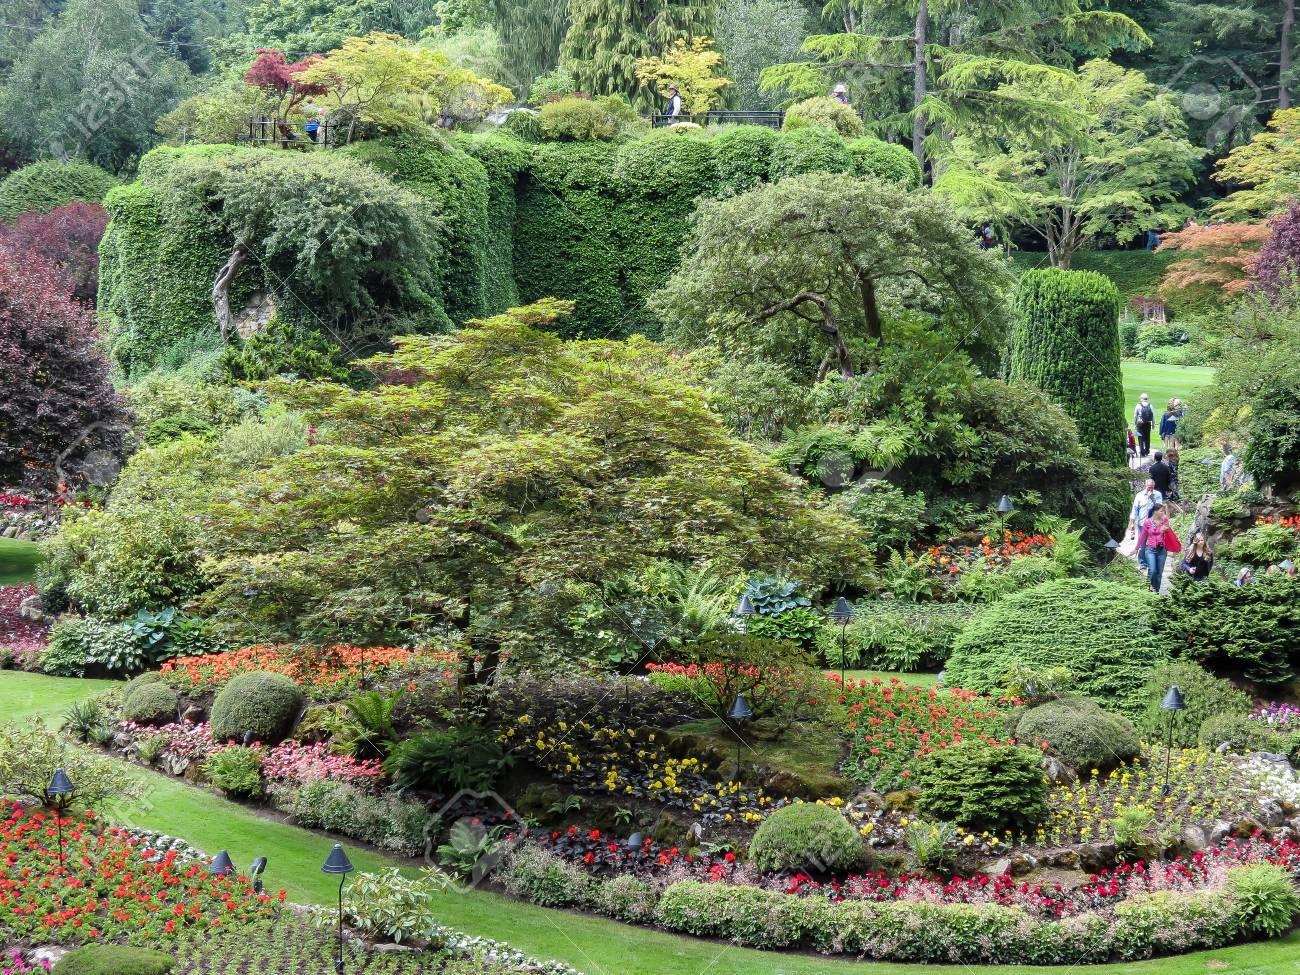 Schöner Garten Standard Bild   49054041